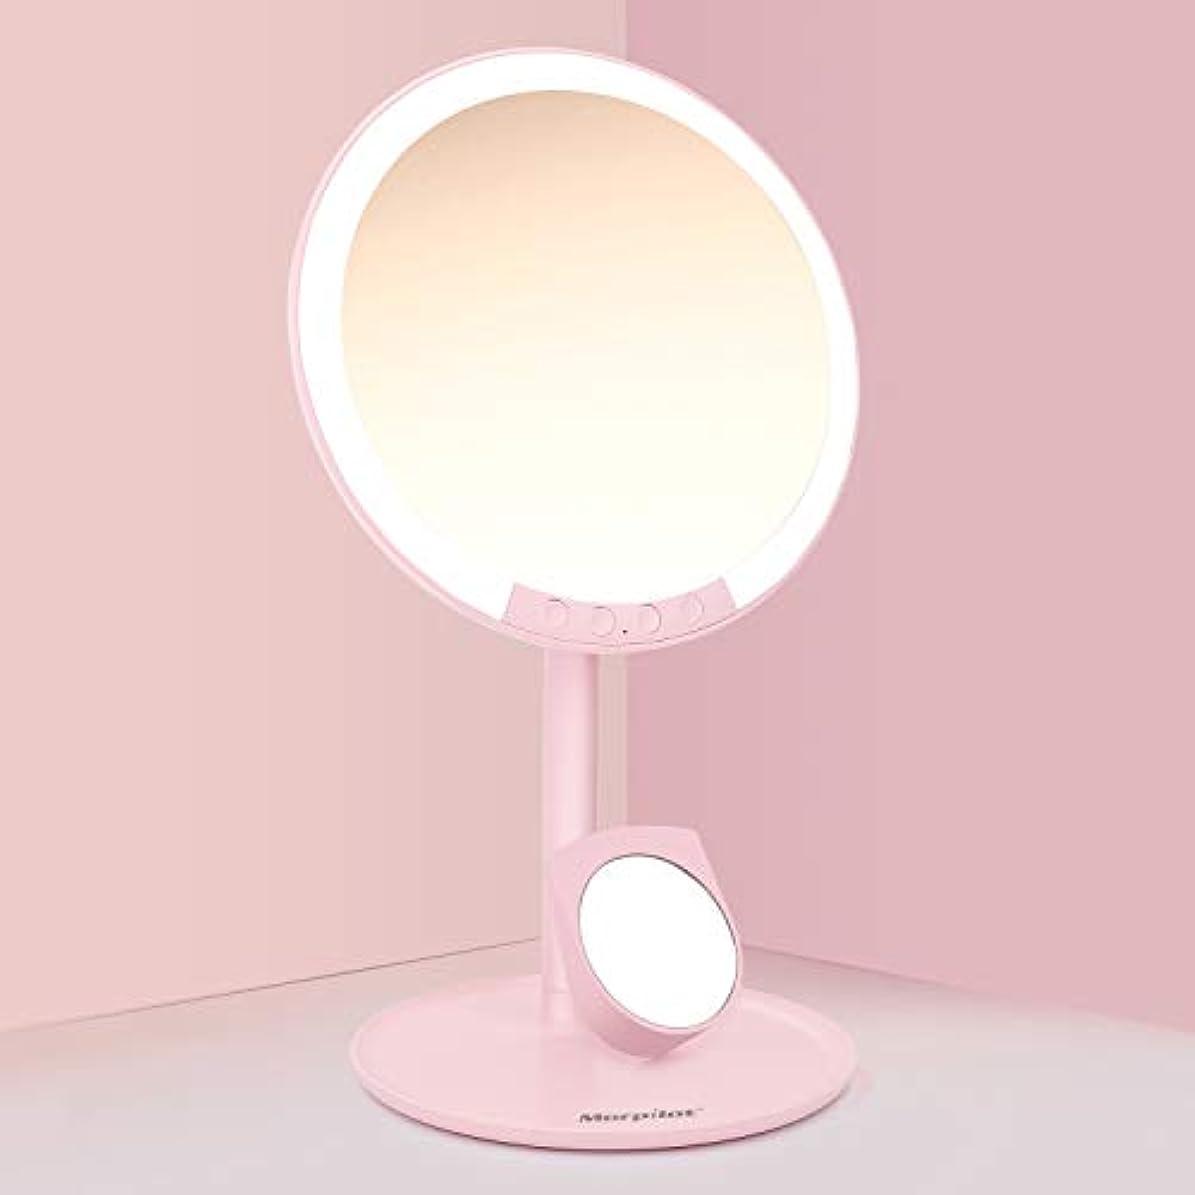 モールス信号和らげる目指す卓上ミラー 化粧鏡 化粧ミラー Morpilot 女優ミラー led付きミラー 7倍拡大鏡付き 3色調節可能 明るさ調節可能 USB充電式 120度回転 収納ベース プレゼント